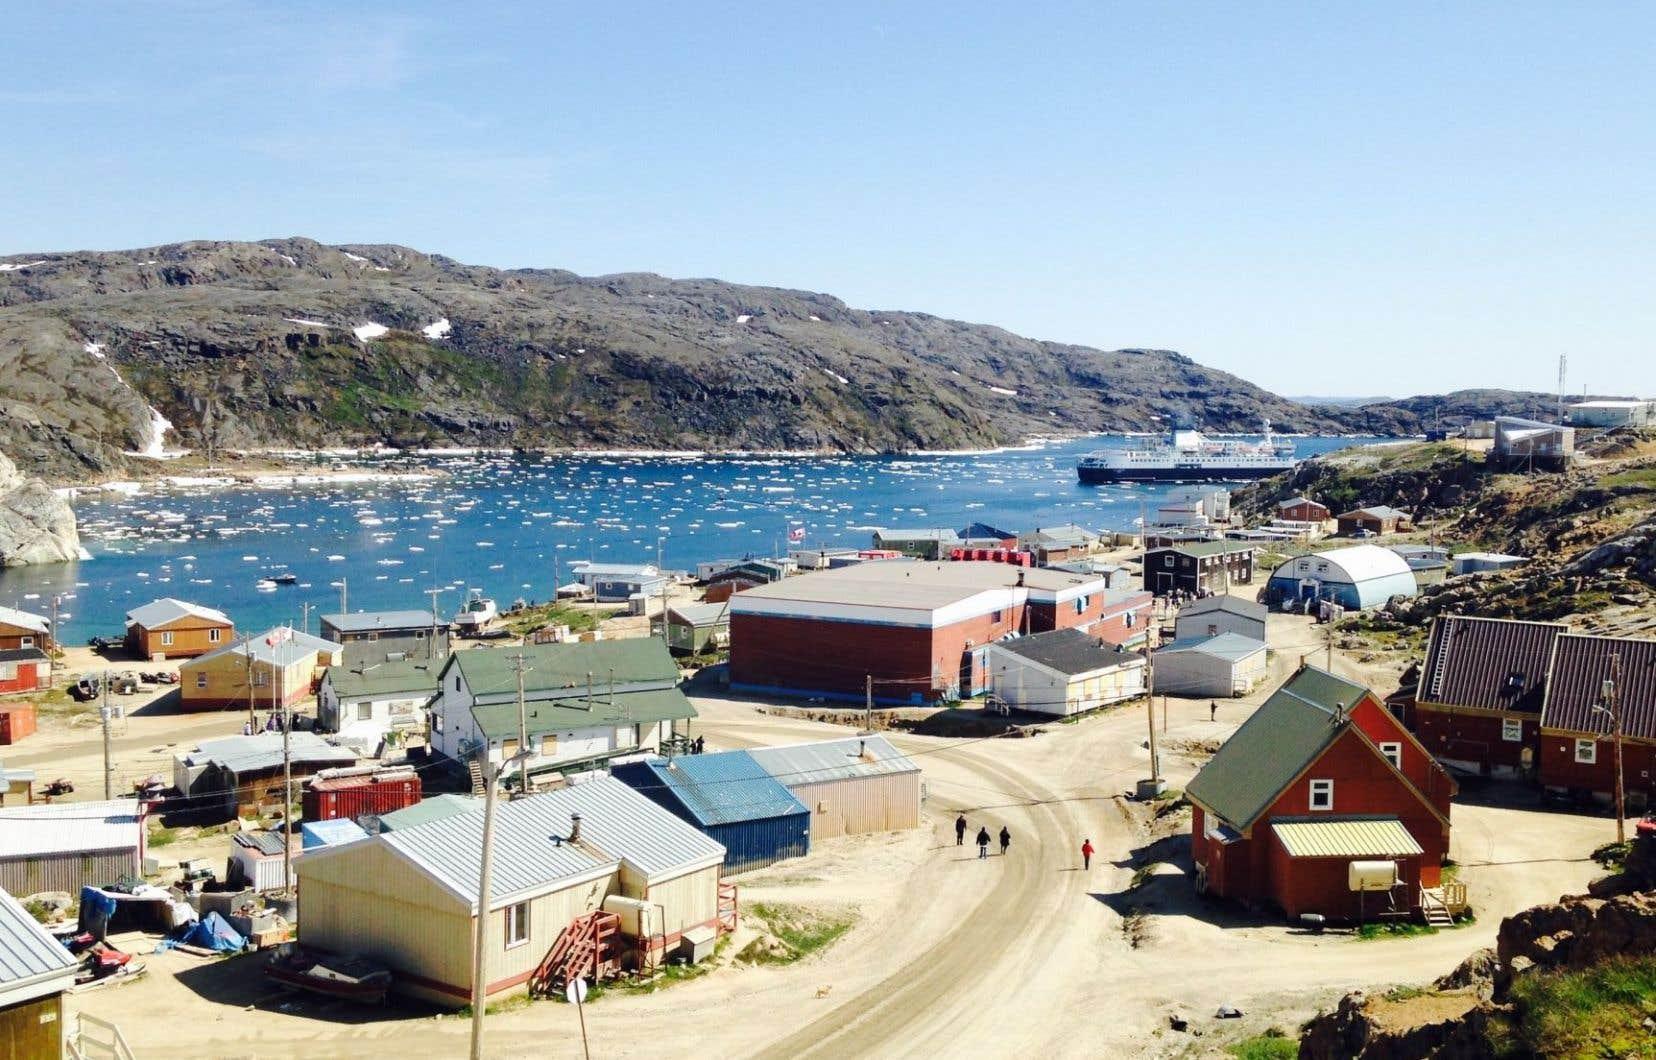 Le tourisme est régénérateur quand les priorités des communautés d'accueil ont préséance sur celles des voyageurs. Sur la photo, Kimmirut, un village inuit en terre de Baffin, au Nunavut.